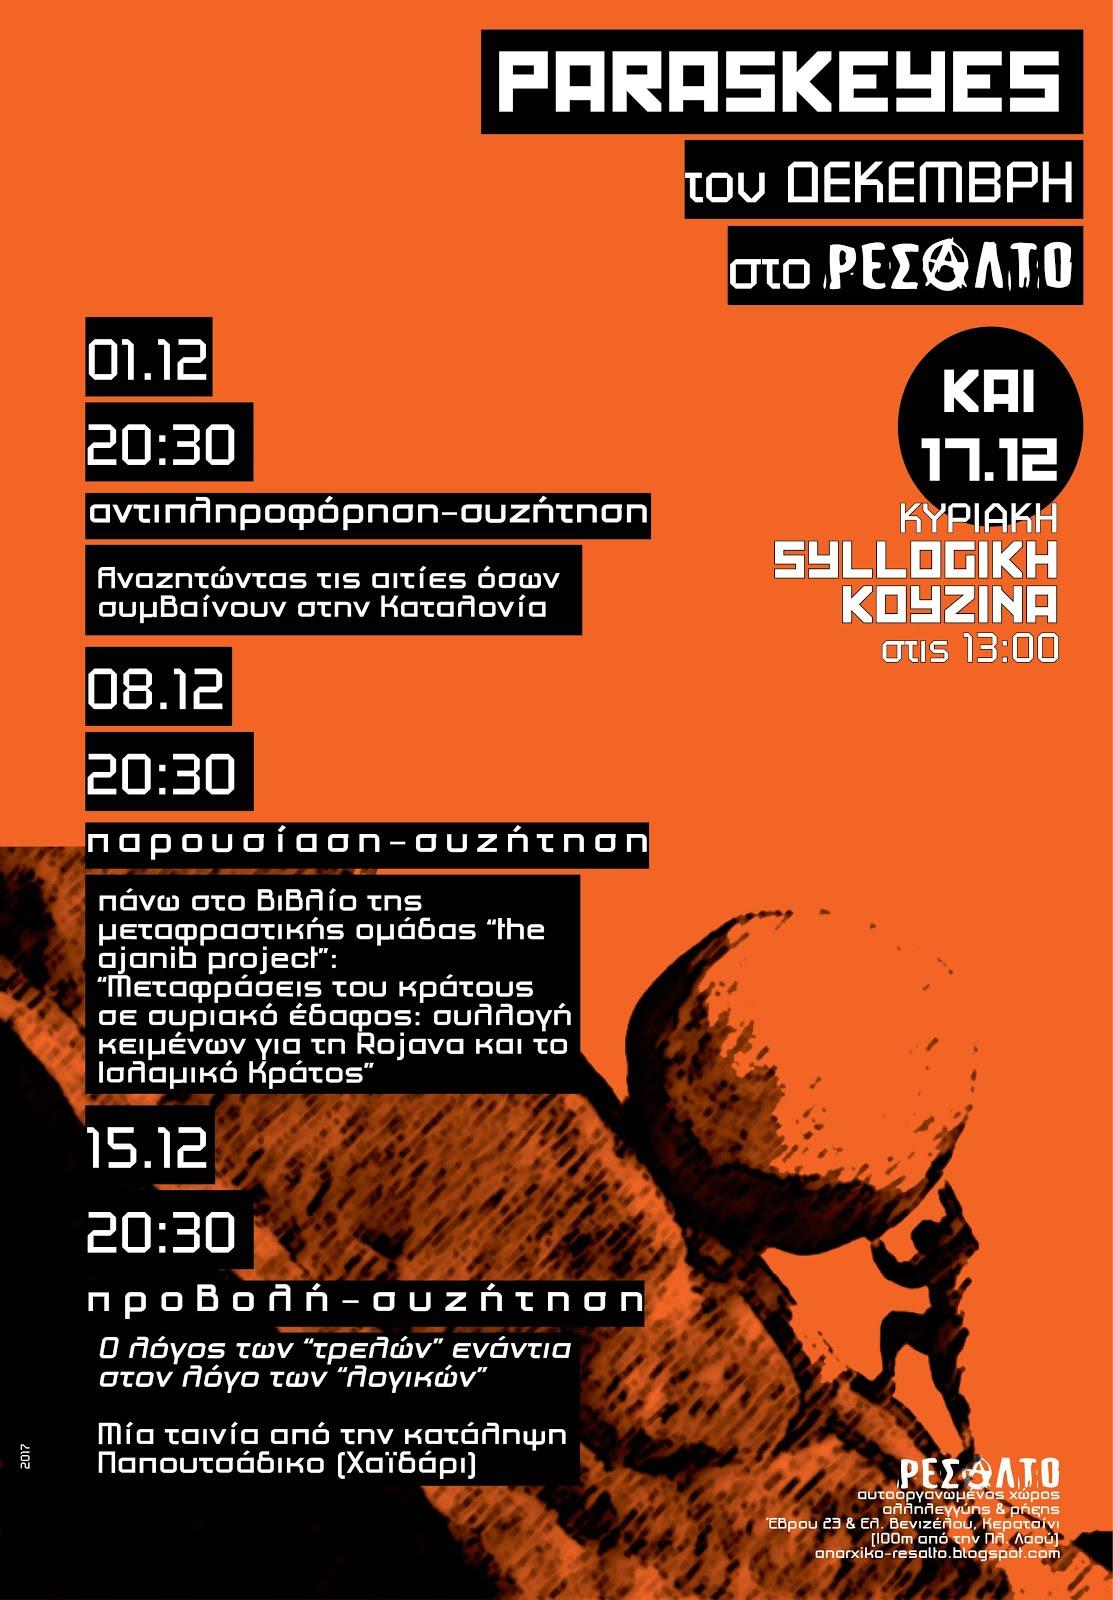 Παρασκευές στο Ρεσάλτο - Δεκέμβρης 2017